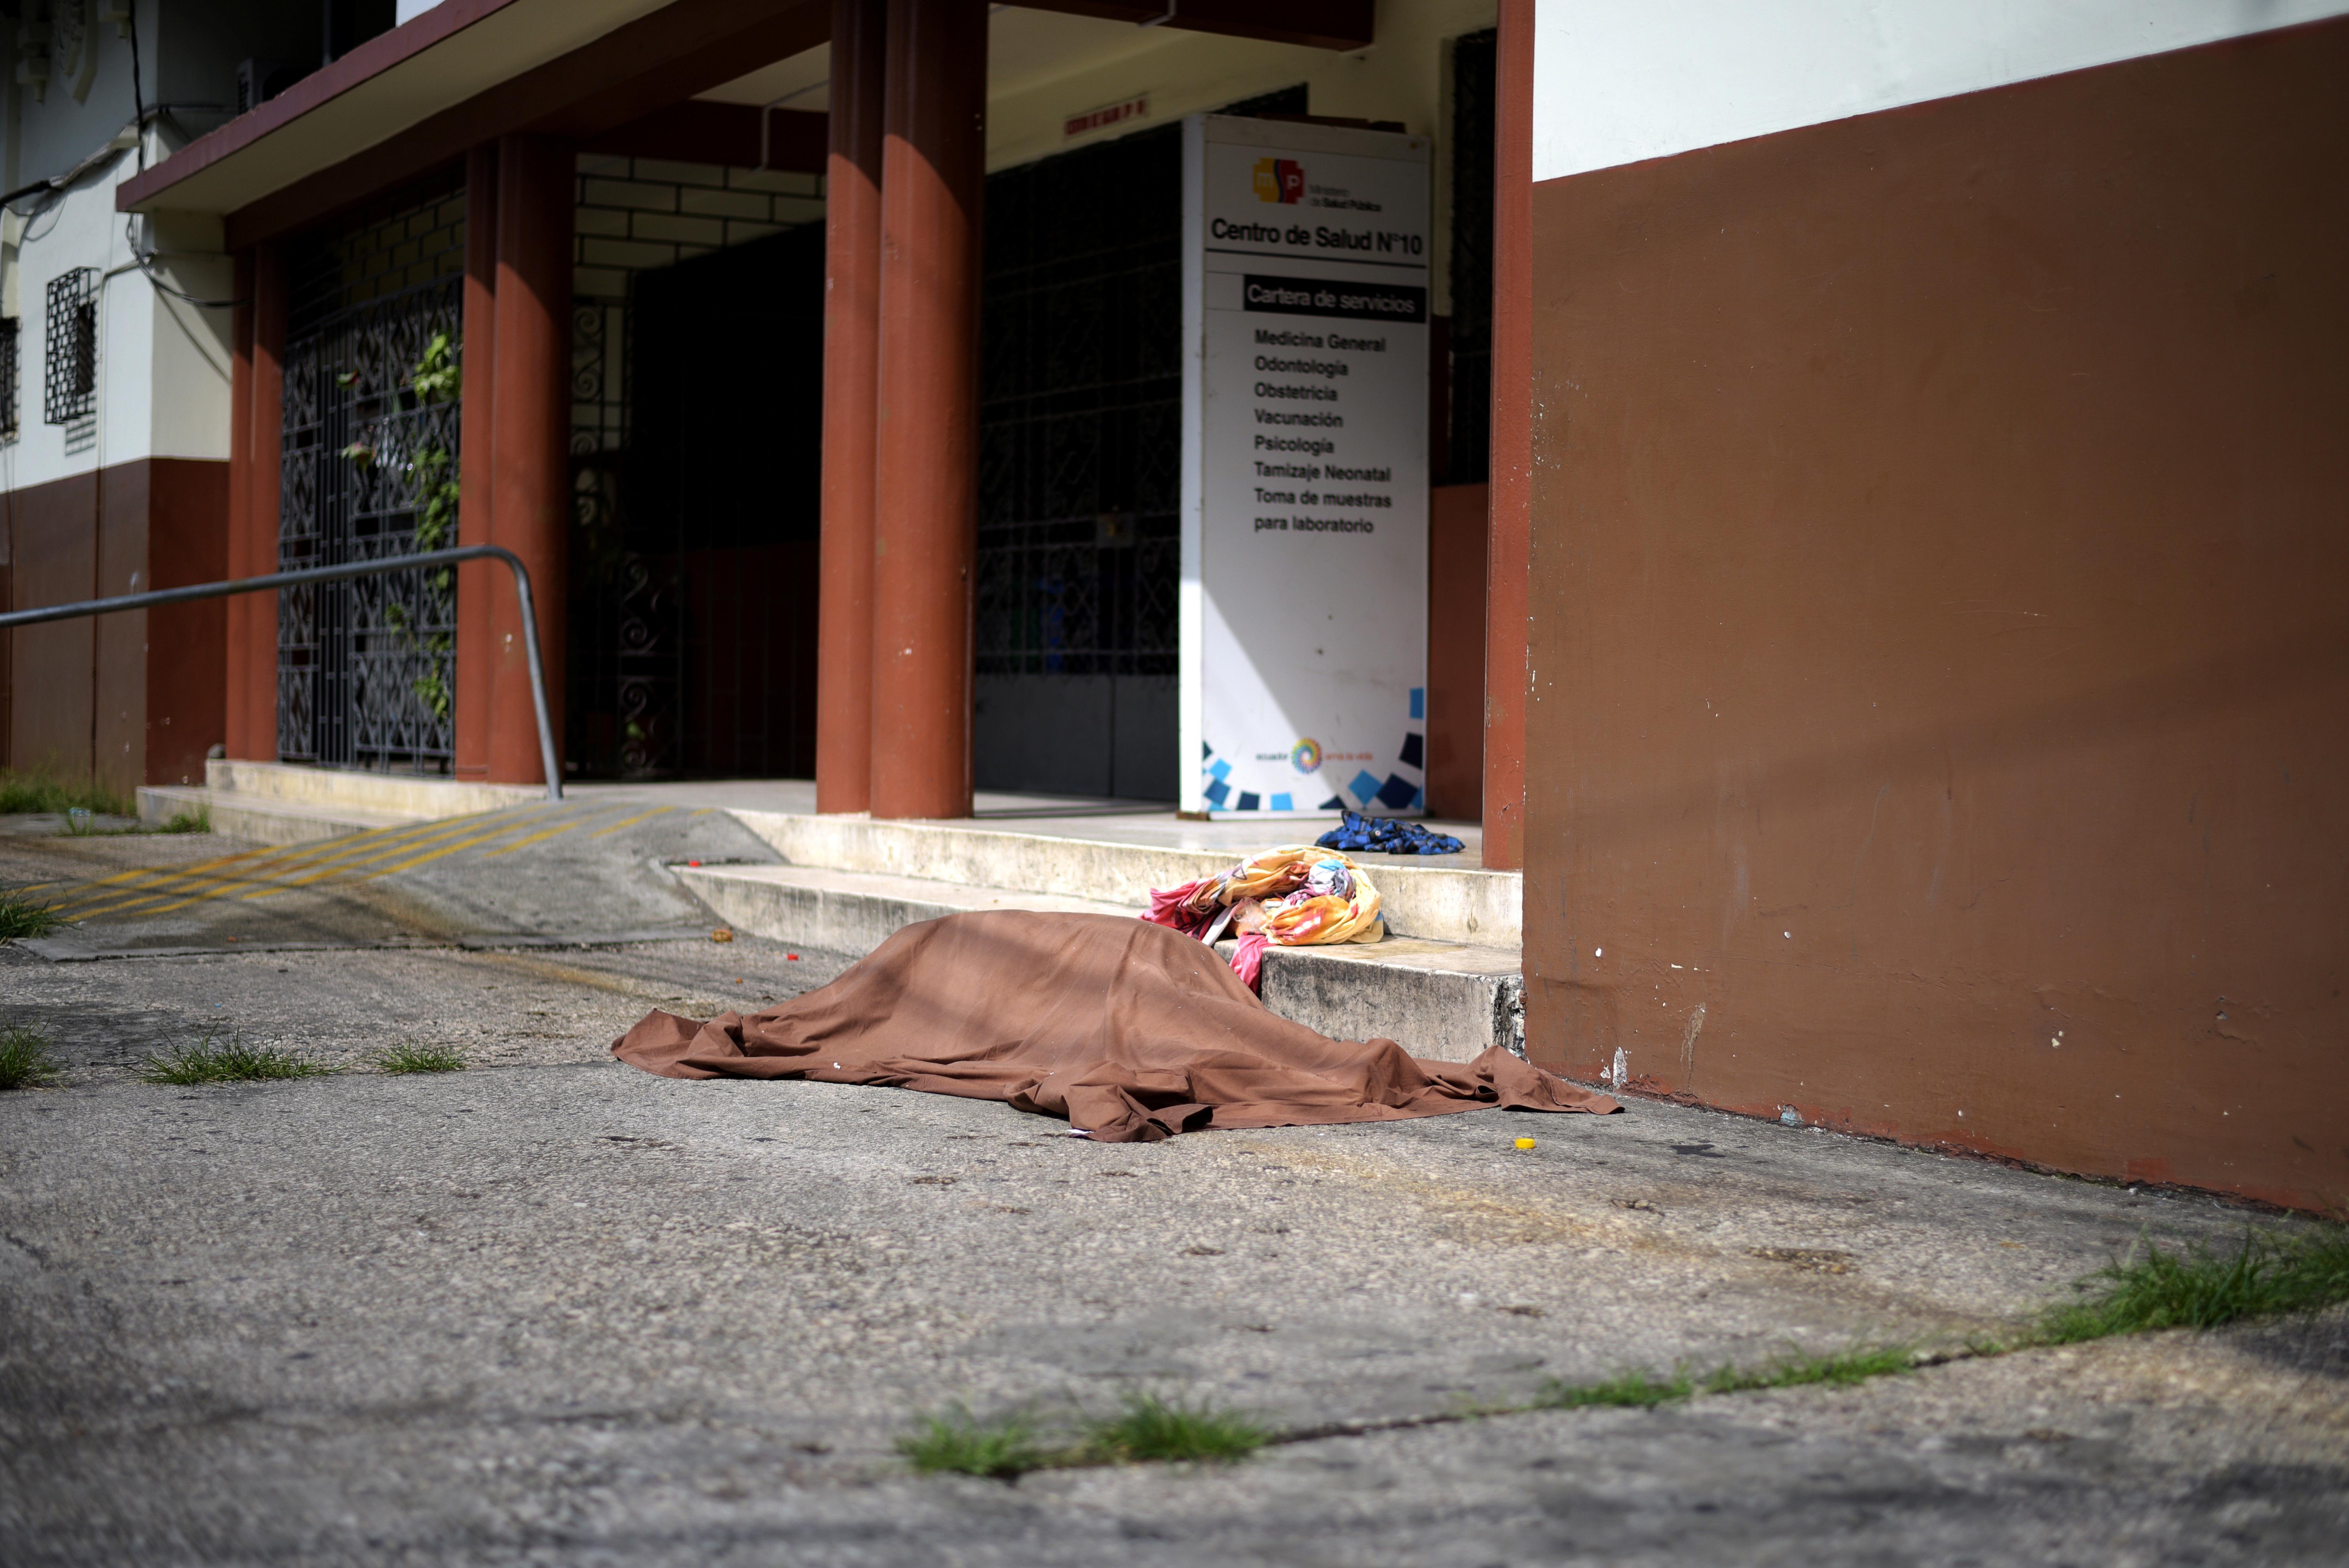 جثة ملقاة أمام مدخل إحدى المستشفيات بالإكوادور